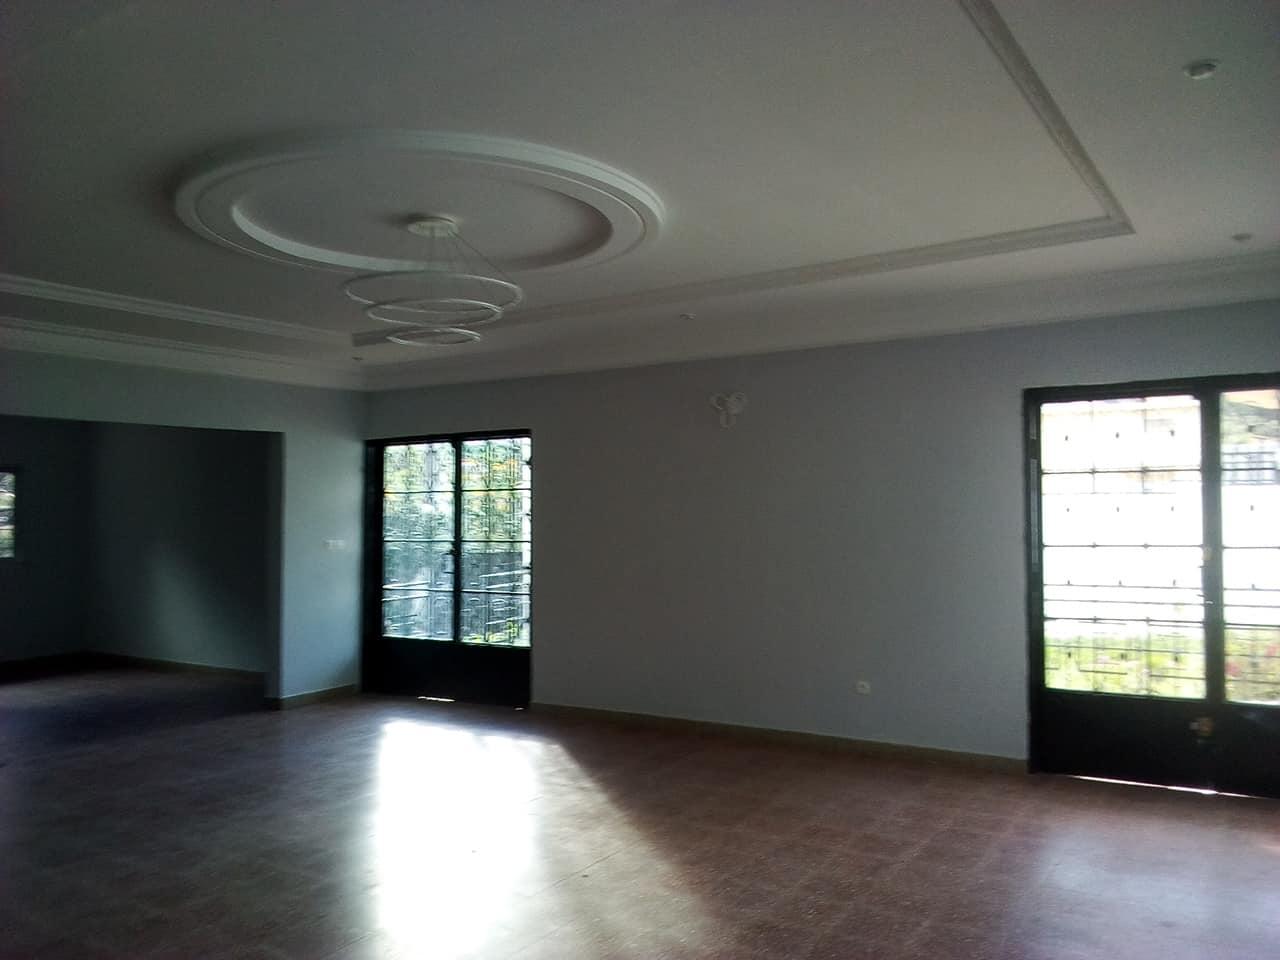 Maison (Villa) à louer - Yaoundé, Bastos, pas loin de la banque mondiale - 1 salon(s), 4 chambre(s), 3 salle(s) de bains - 2 500 000 FCFA / mois